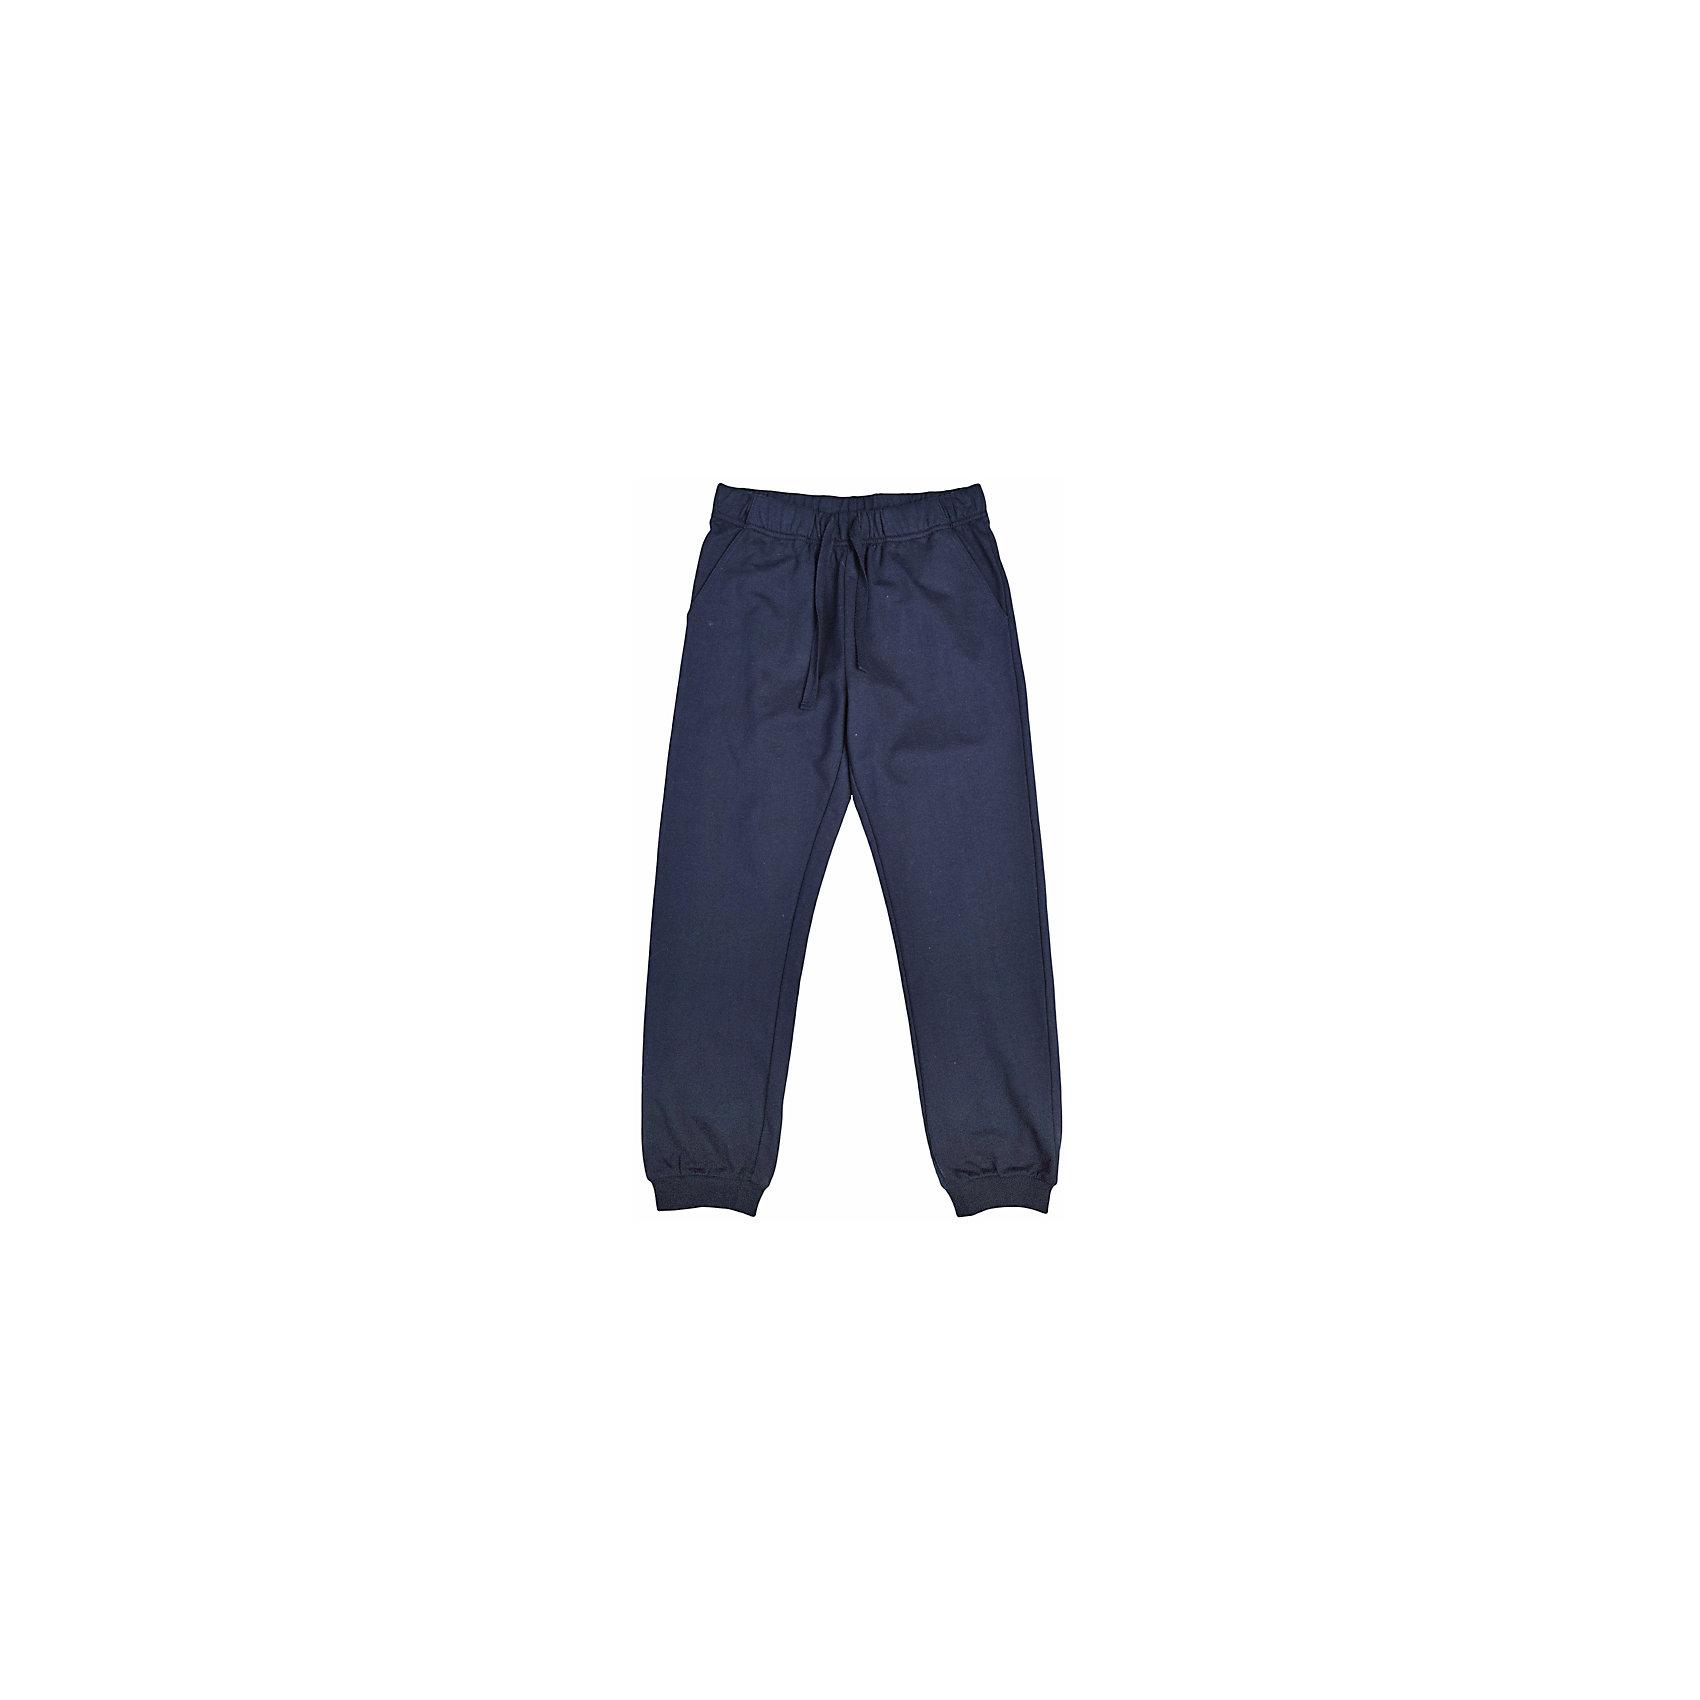 Брюки для мальчика ScoolСпортивная форма<br>Брюки для мальчика из коллекции «Скорость» от известного бренда Scool. Стильные мягкие спортивные брюки приятного темно-синего цвета сделаны из хлопка. Брюки на резинке, со шнурком, имеют 2 кармана, прекрасно подойдут к футболкам и толстовкам.<br><br>Дополнительная информация:<br>- Силуэт прямой <br><br>Состав: 80% хлопок, 20% полиэстер<br><br>Брюки для мальчиков Scool можно купить в нашем интернет-магазине.<br>.<br>Подробнее:<br>• Для детей в возрасте: от 9 до 12 лет<br>• Номер товара: 4911507<br>Страна производитель: Китай<br><br>Ширина мм: 215<br>Глубина мм: 88<br>Высота мм: 191<br>Вес г: 336<br>Цвет: синий<br>Возраст от месяцев: 144<br>Возраст до месяцев: 156<br>Пол: Мужской<br>Возраст: Детский<br>Размер: 158,164,140,134,152,146<br>SKU: 4911506